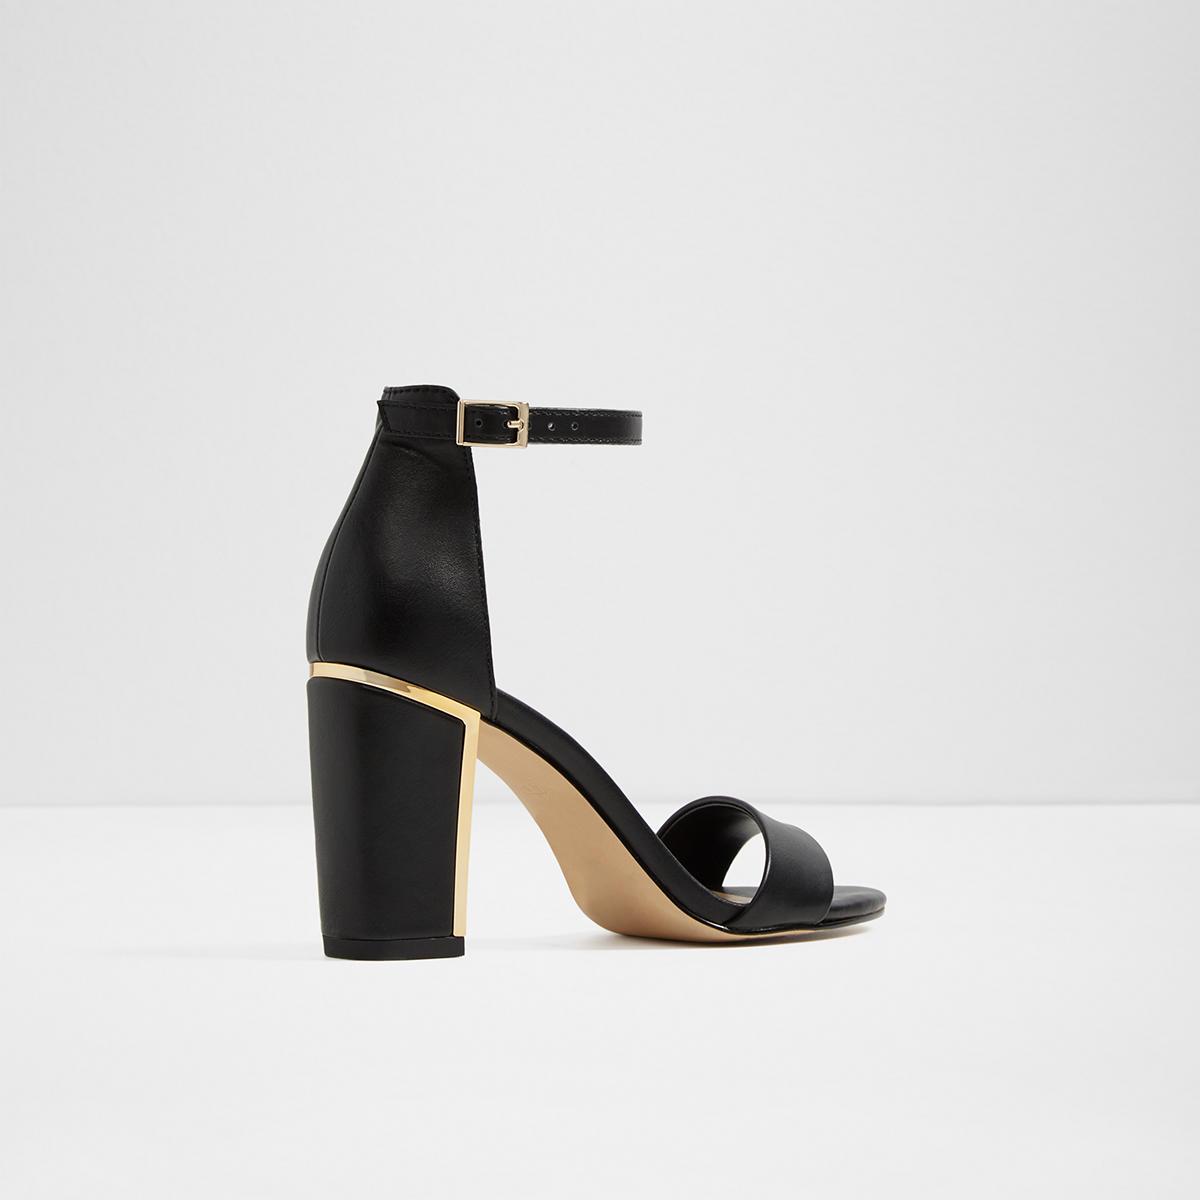 ac330348dd7 Craolian Black Women s Heels